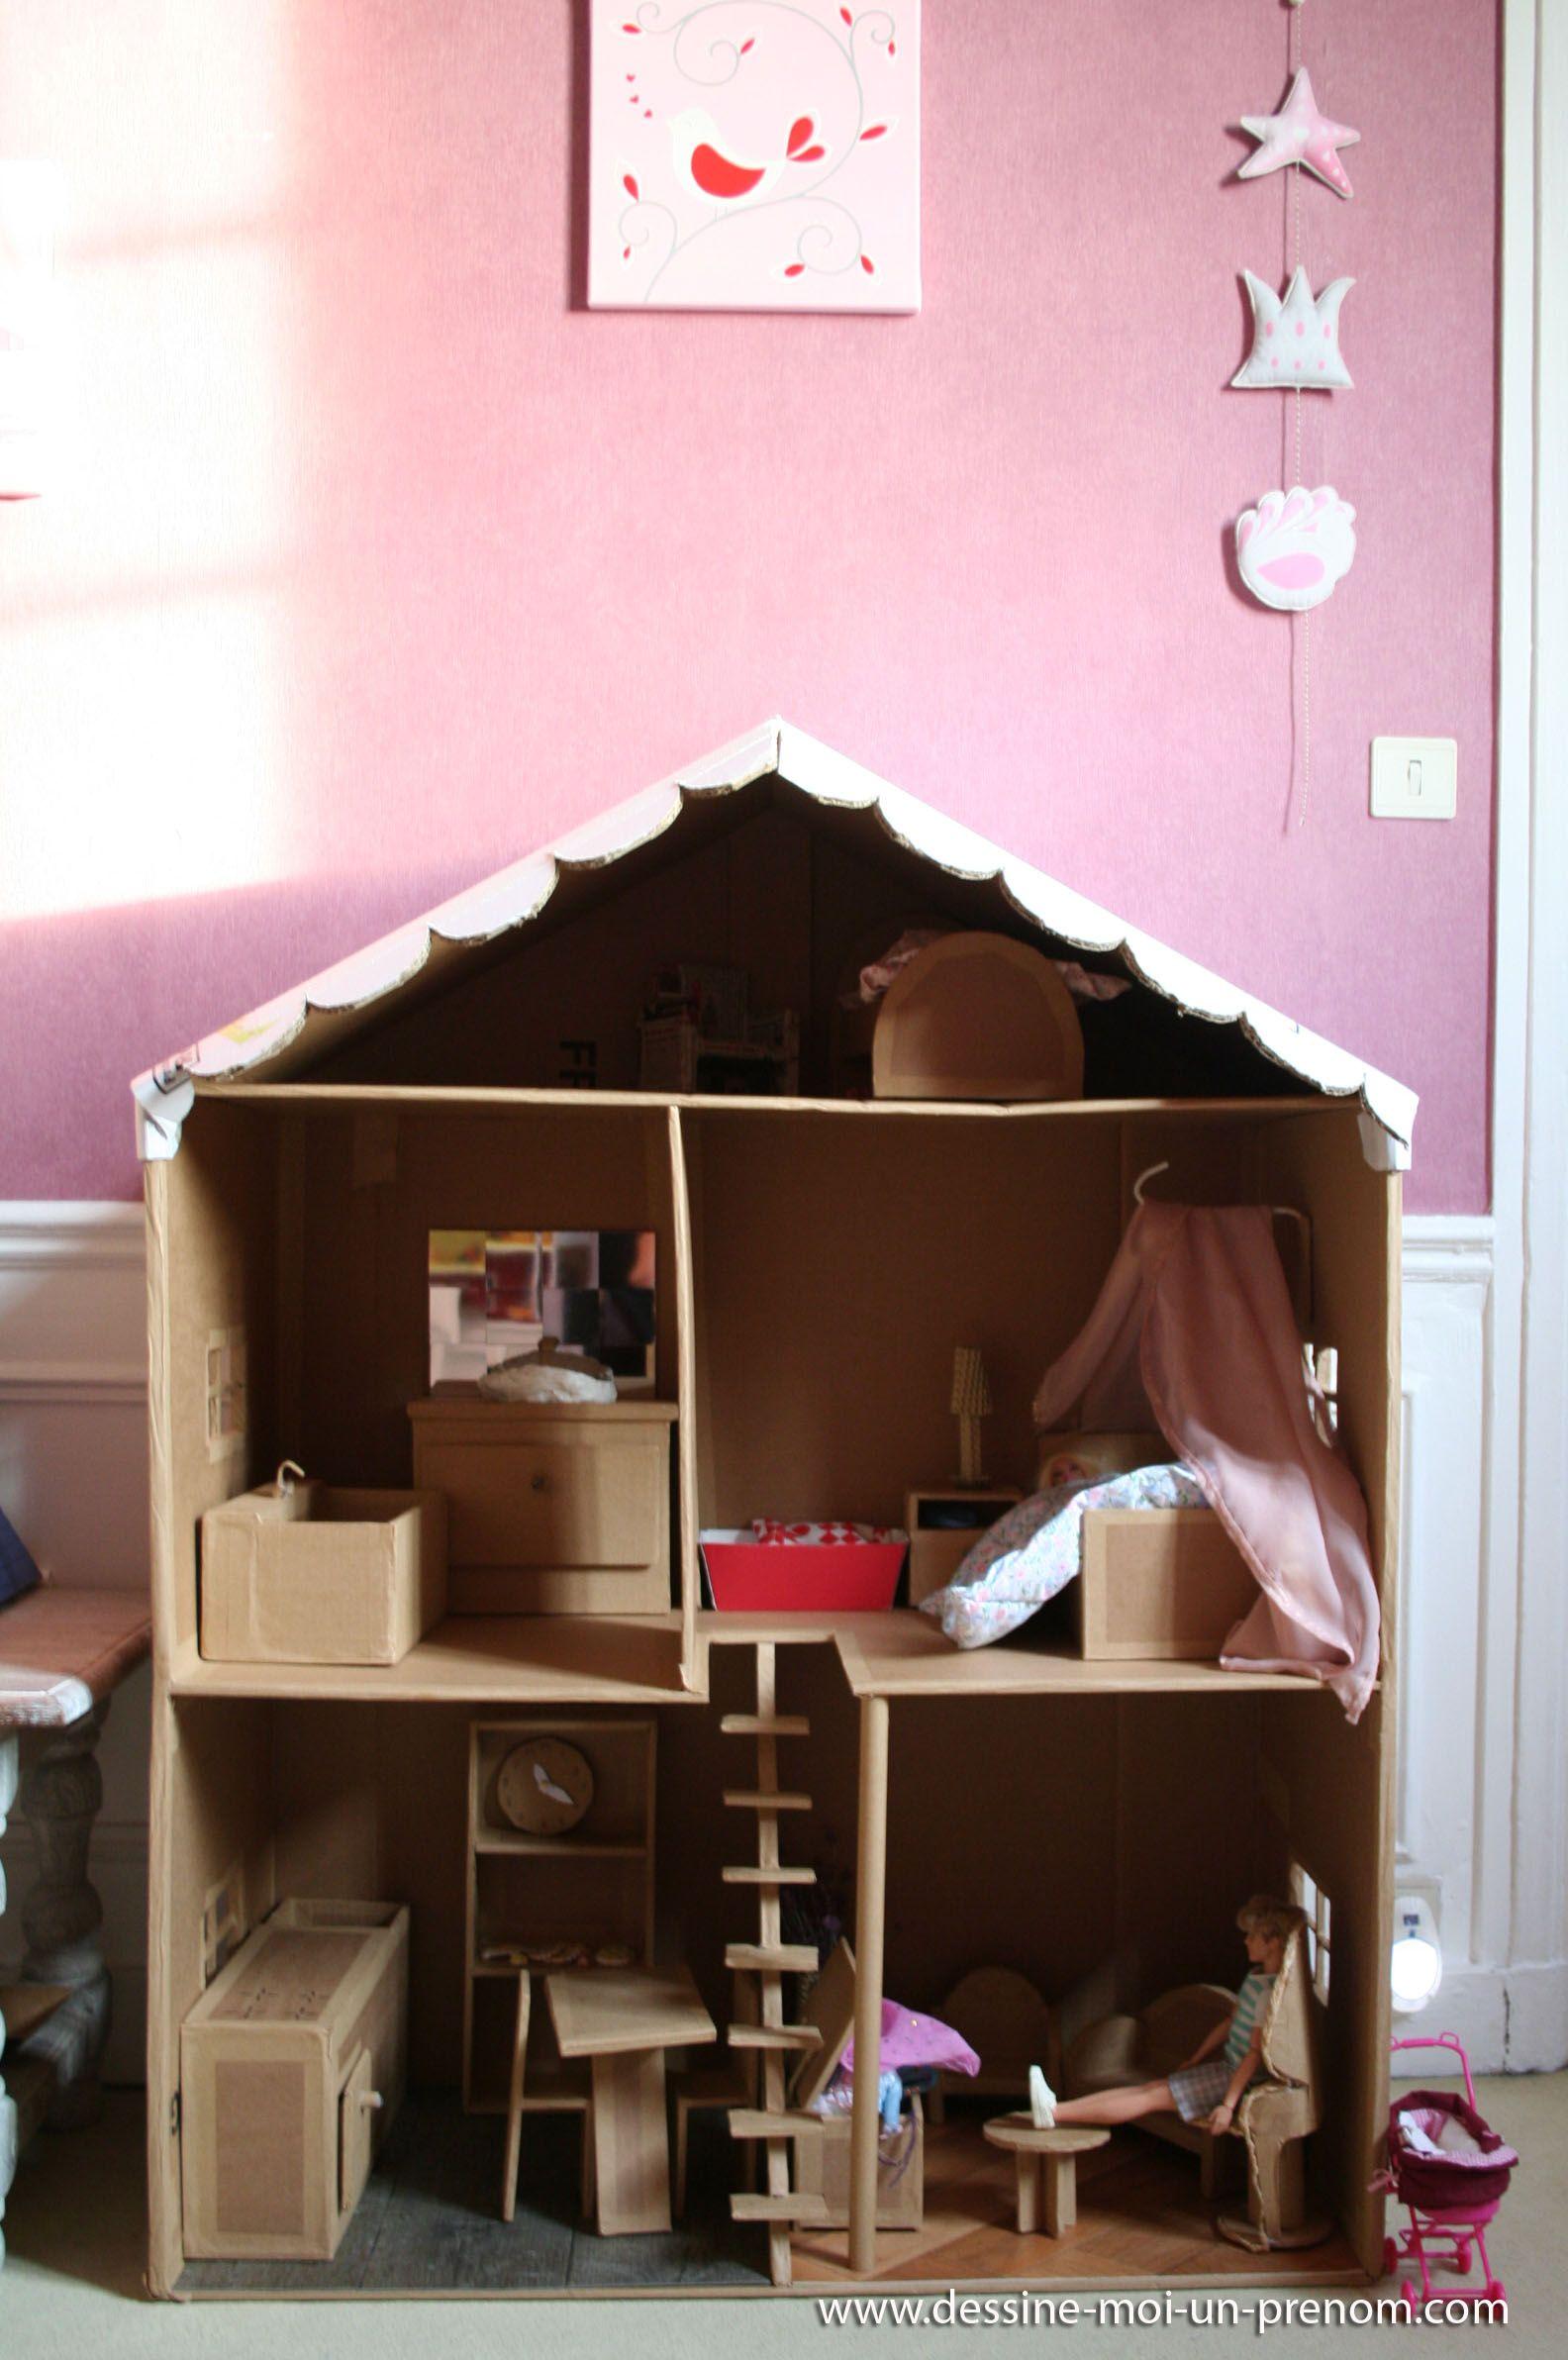 maison playmobil et barbie meubles et objets en papier imprimer dessine moi un pr nom. Black Bedroom Furniture Sets. Home Design Ideas